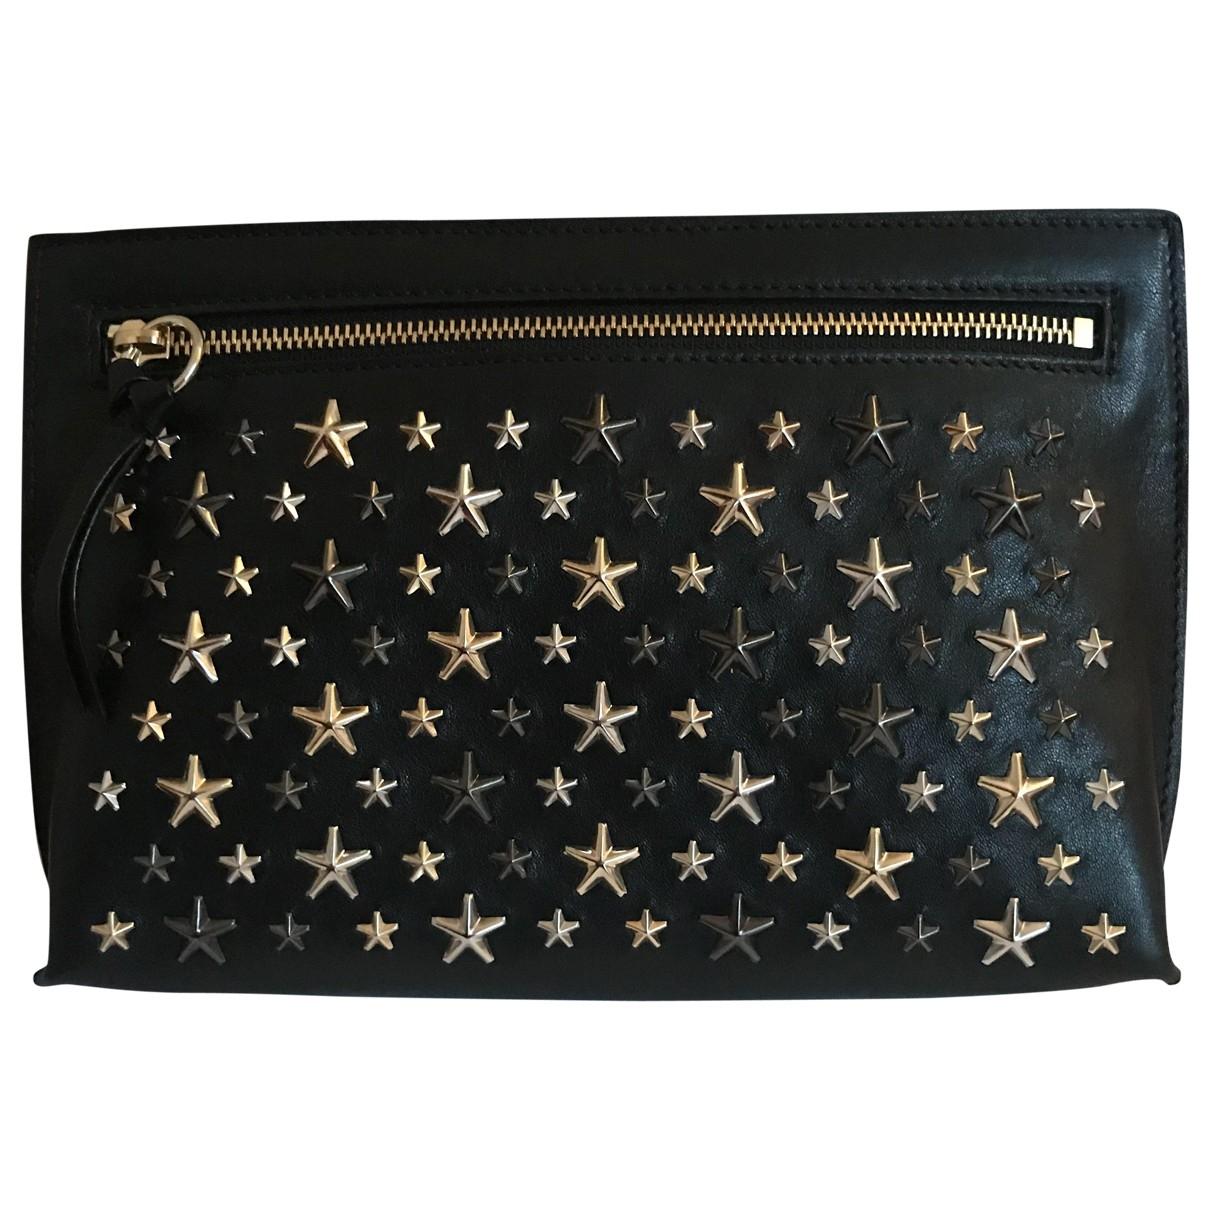 Jimmy Choo \N Black Leather Clutch bag for Women \N